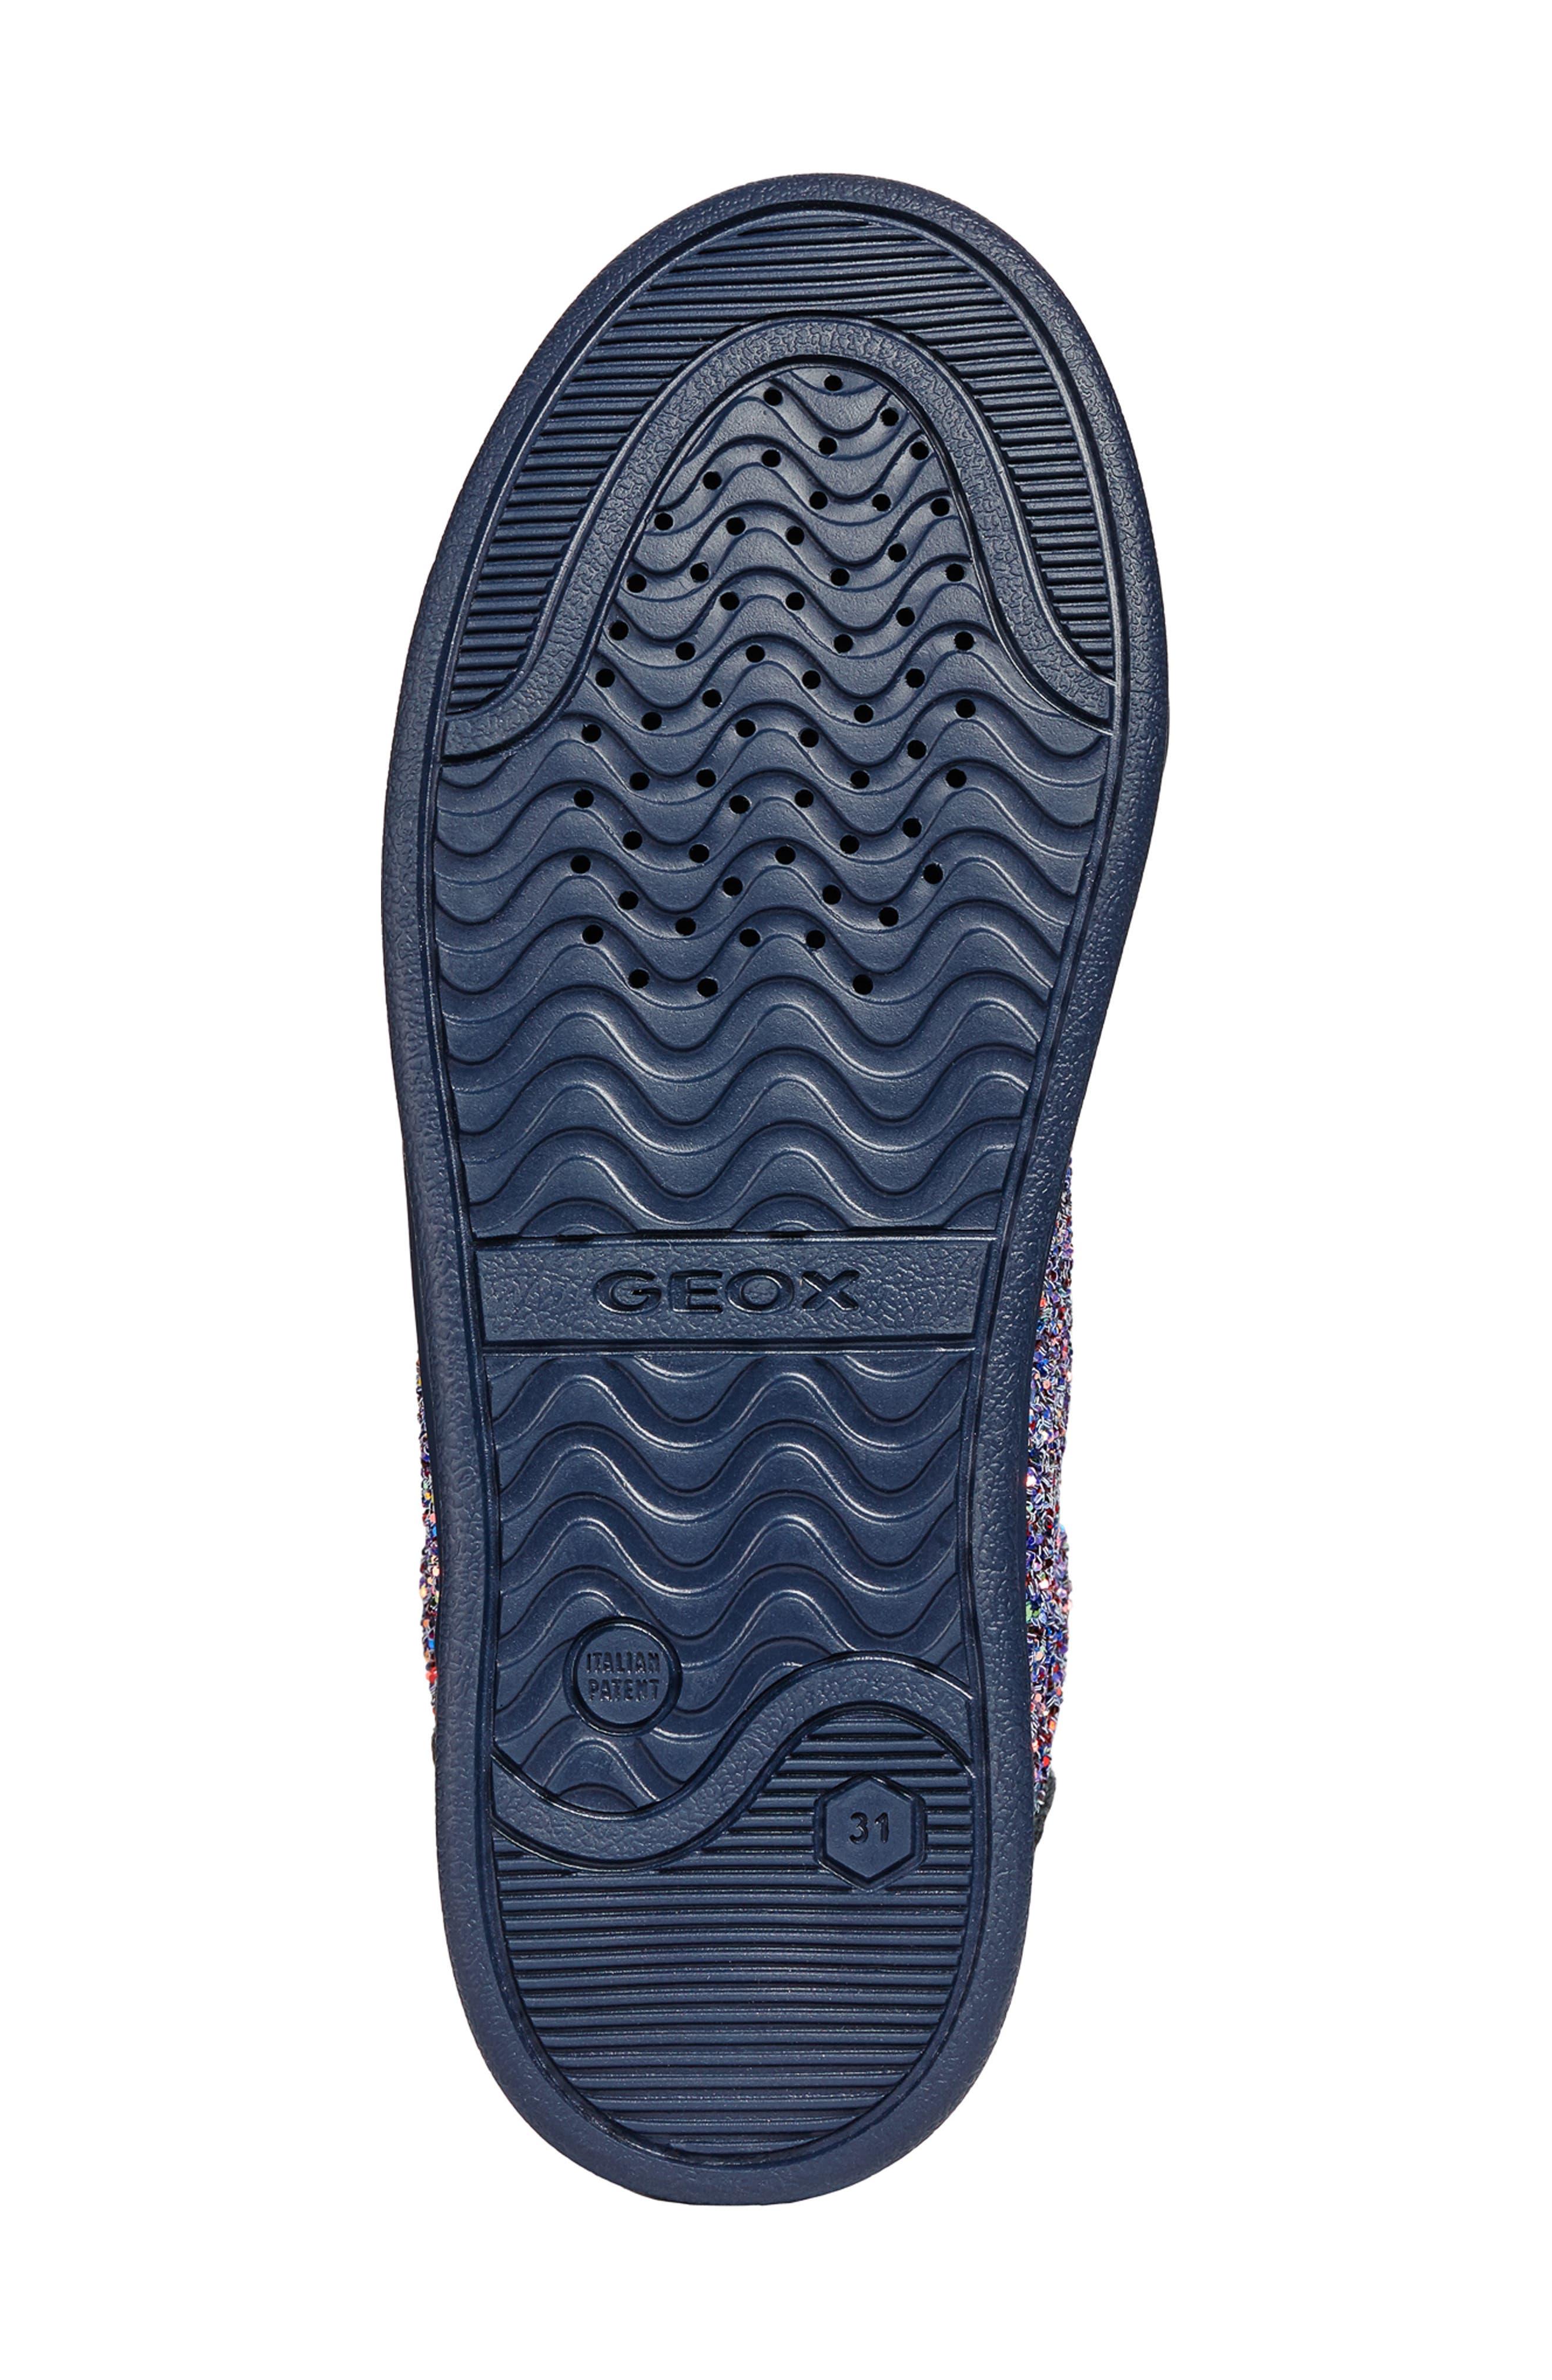 DJ Rock Glitter Pompom Sneaker,                             Alternate thumbnail 5, color,                             NAVY/LT PRUNE